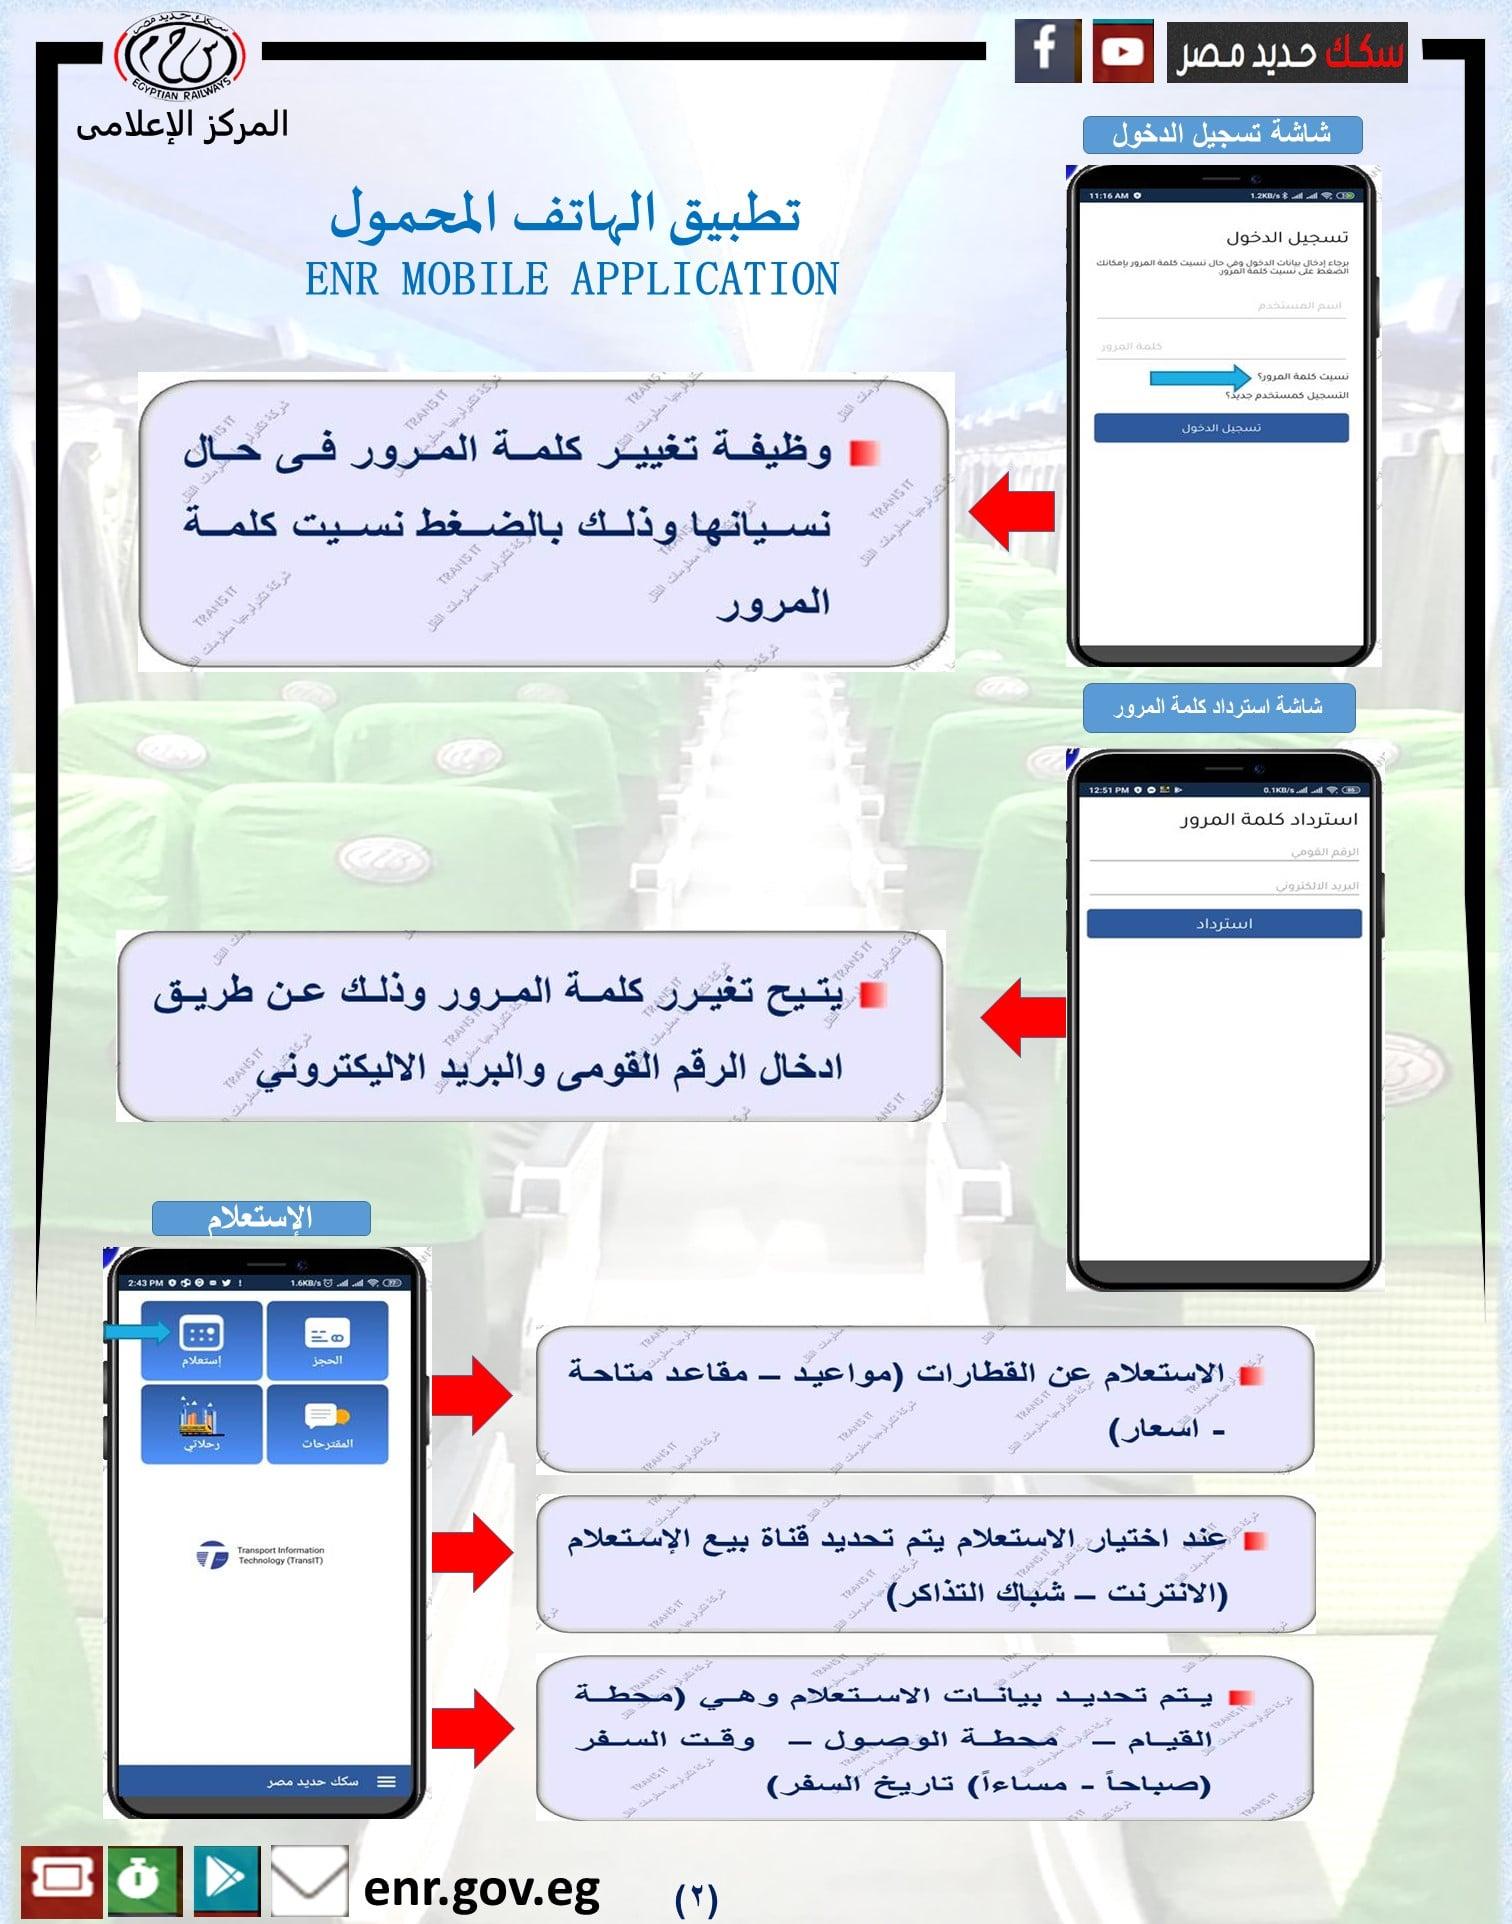 الخدمات التي يقدمها تطبيق قطارات مصر لـ حجز التذاكر